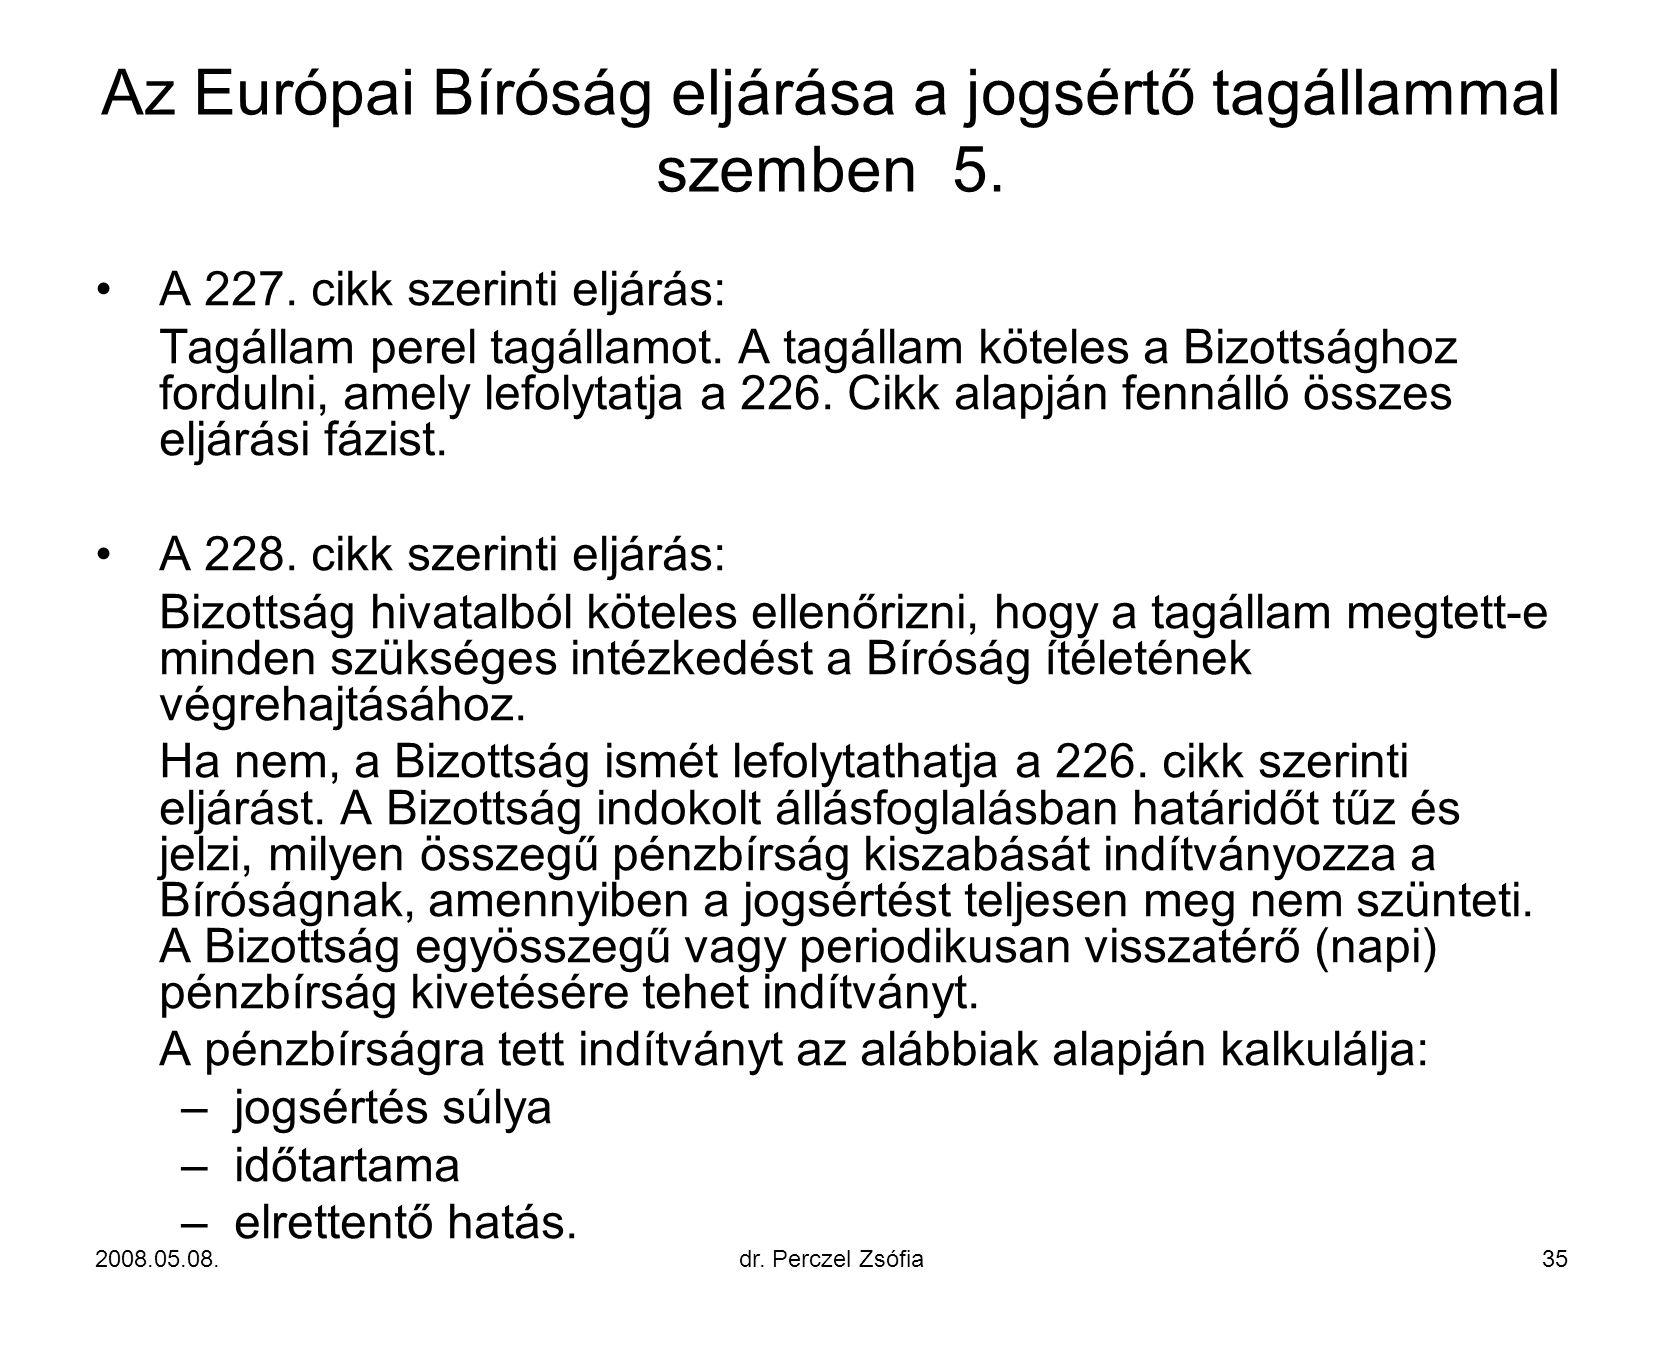 Az Európai Bíróság eljárása a jogsértő tagállammal szemben 5.